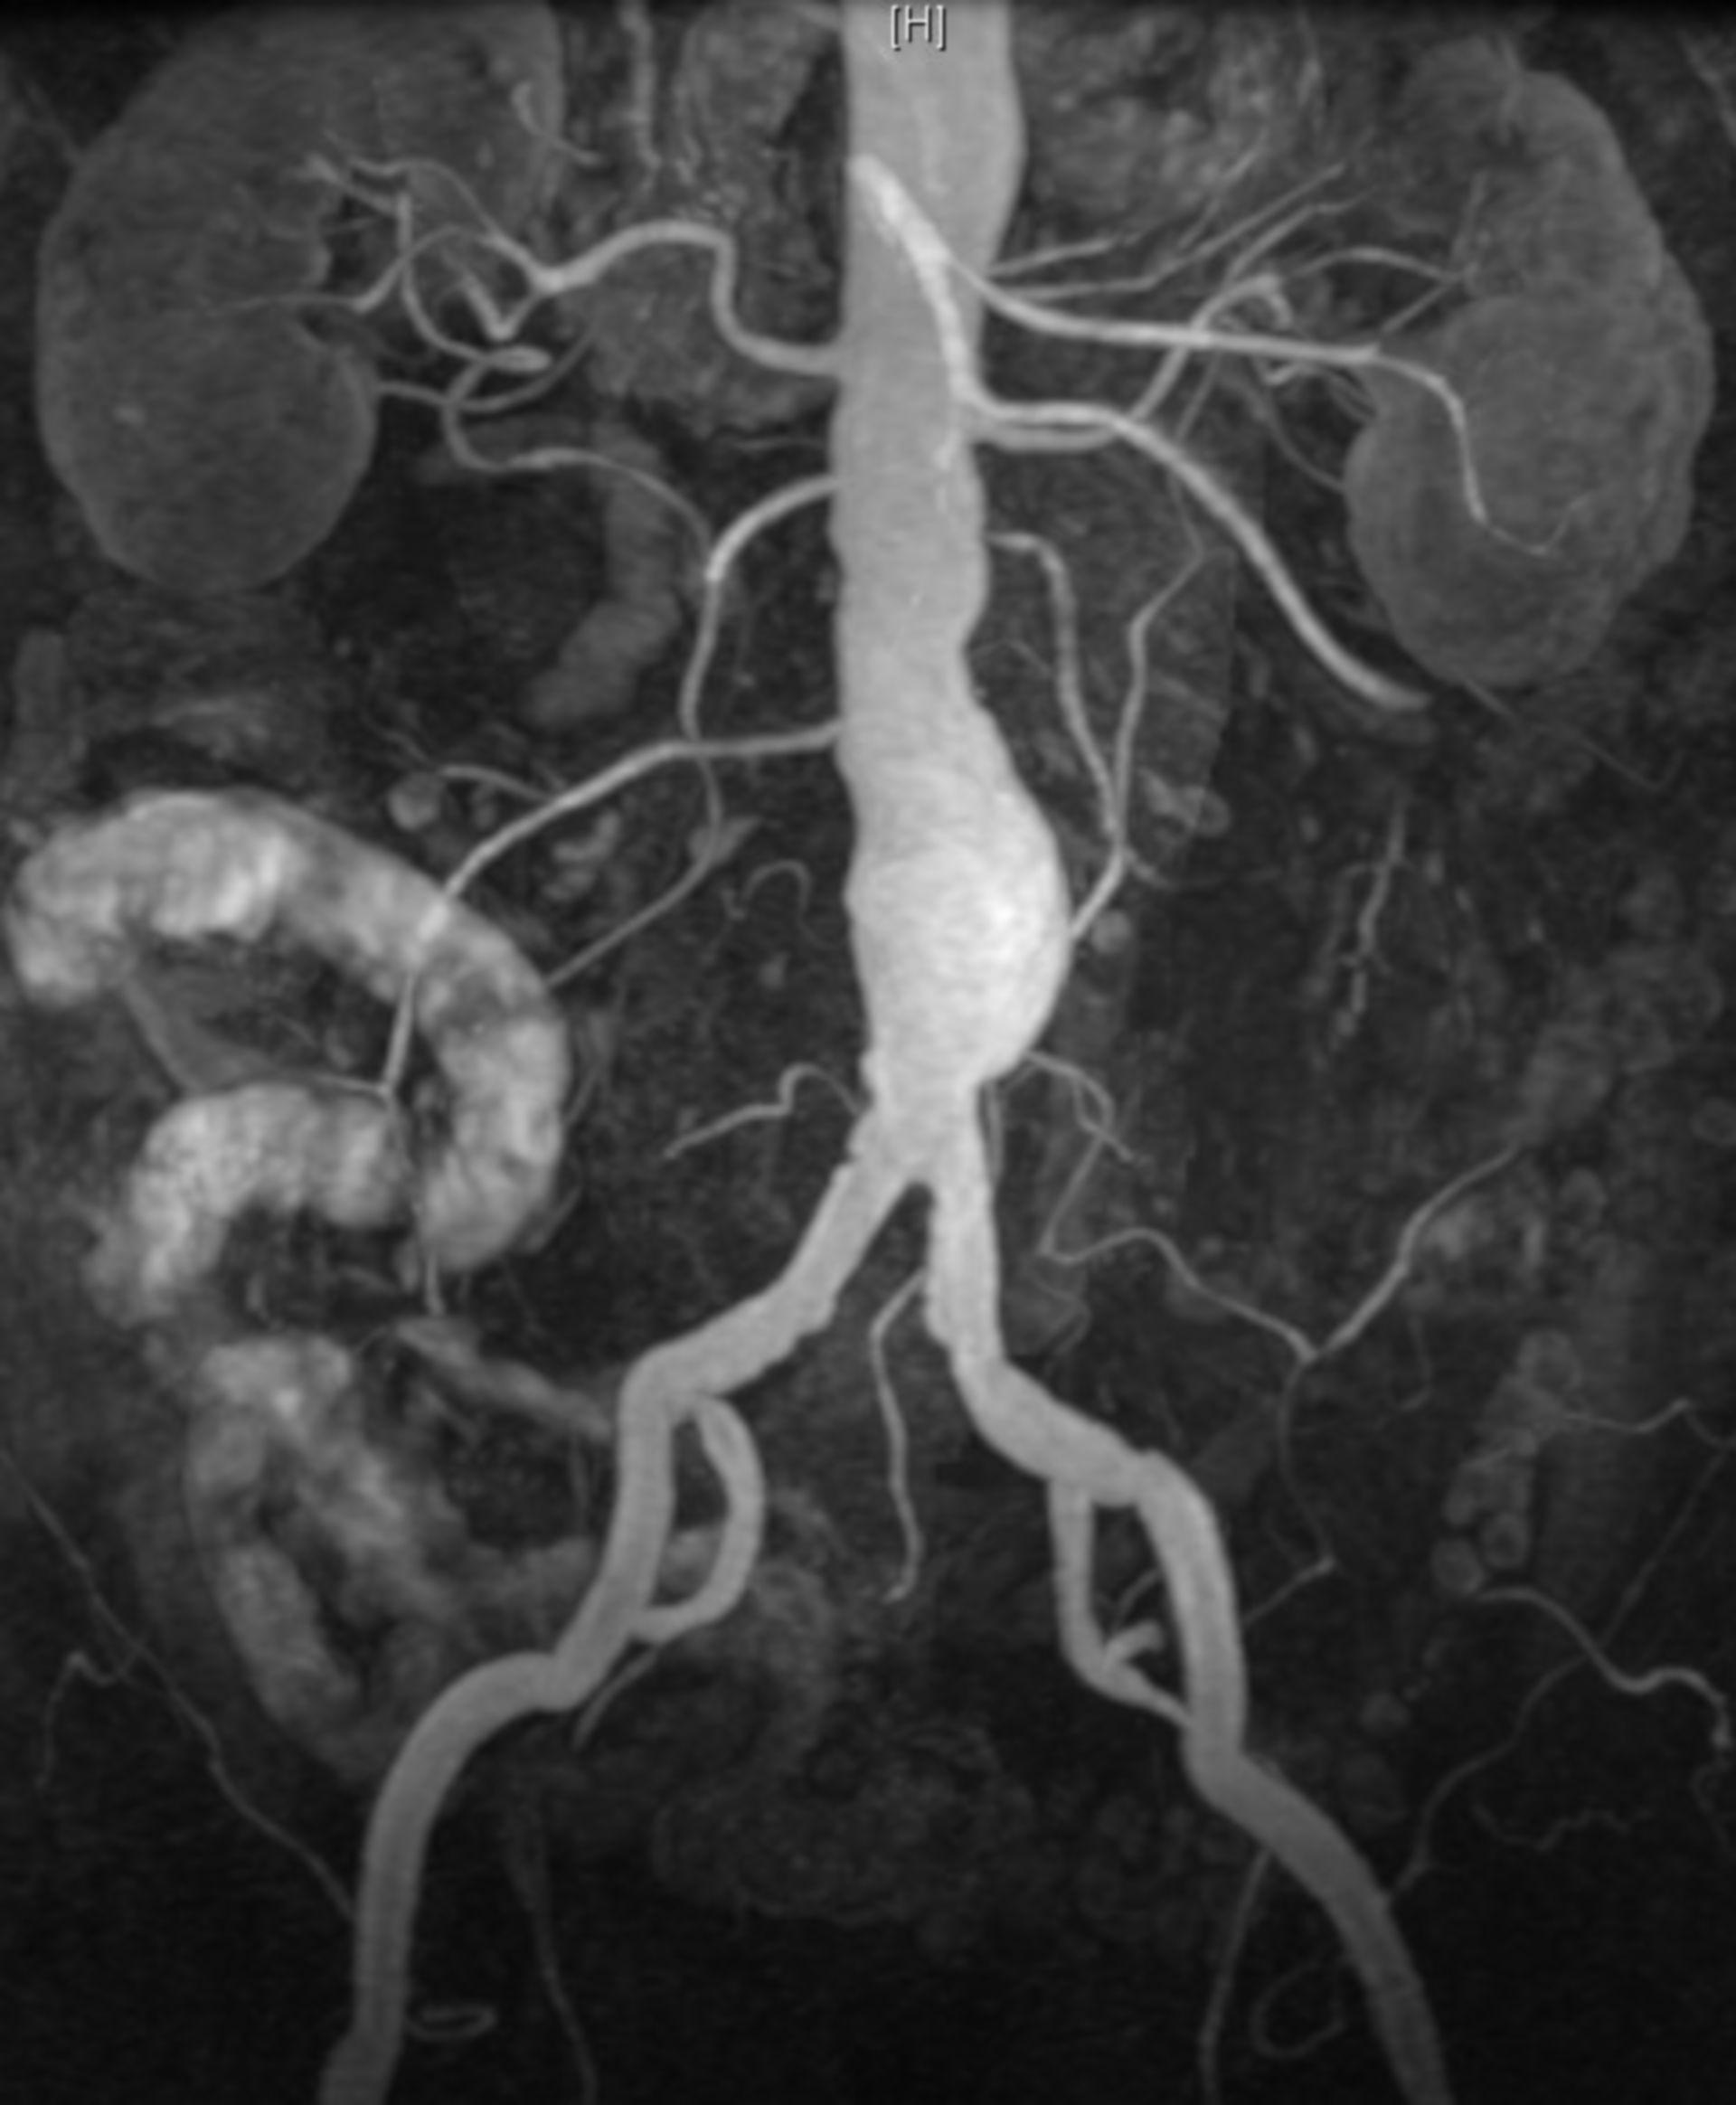 Abdominal aortic aneurysm (MRA, MRI)